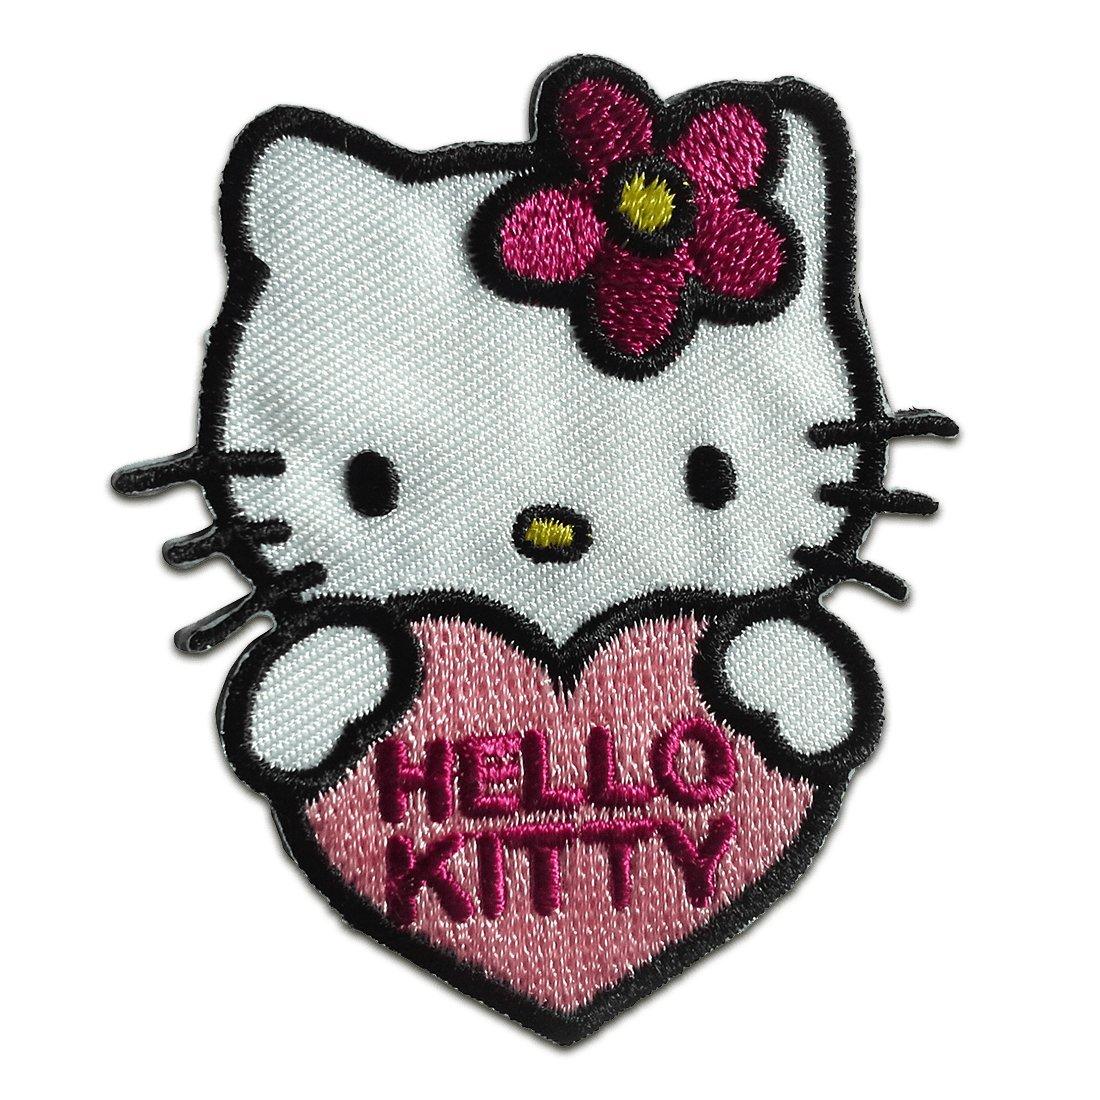 Toppe termoadesive - Hello Kitty con cuore Comic bambini - rosa - 6x5, 4cm - Patch Toppa ricamate Applicazioni Ricamata da cucire adesive catch-the-patch